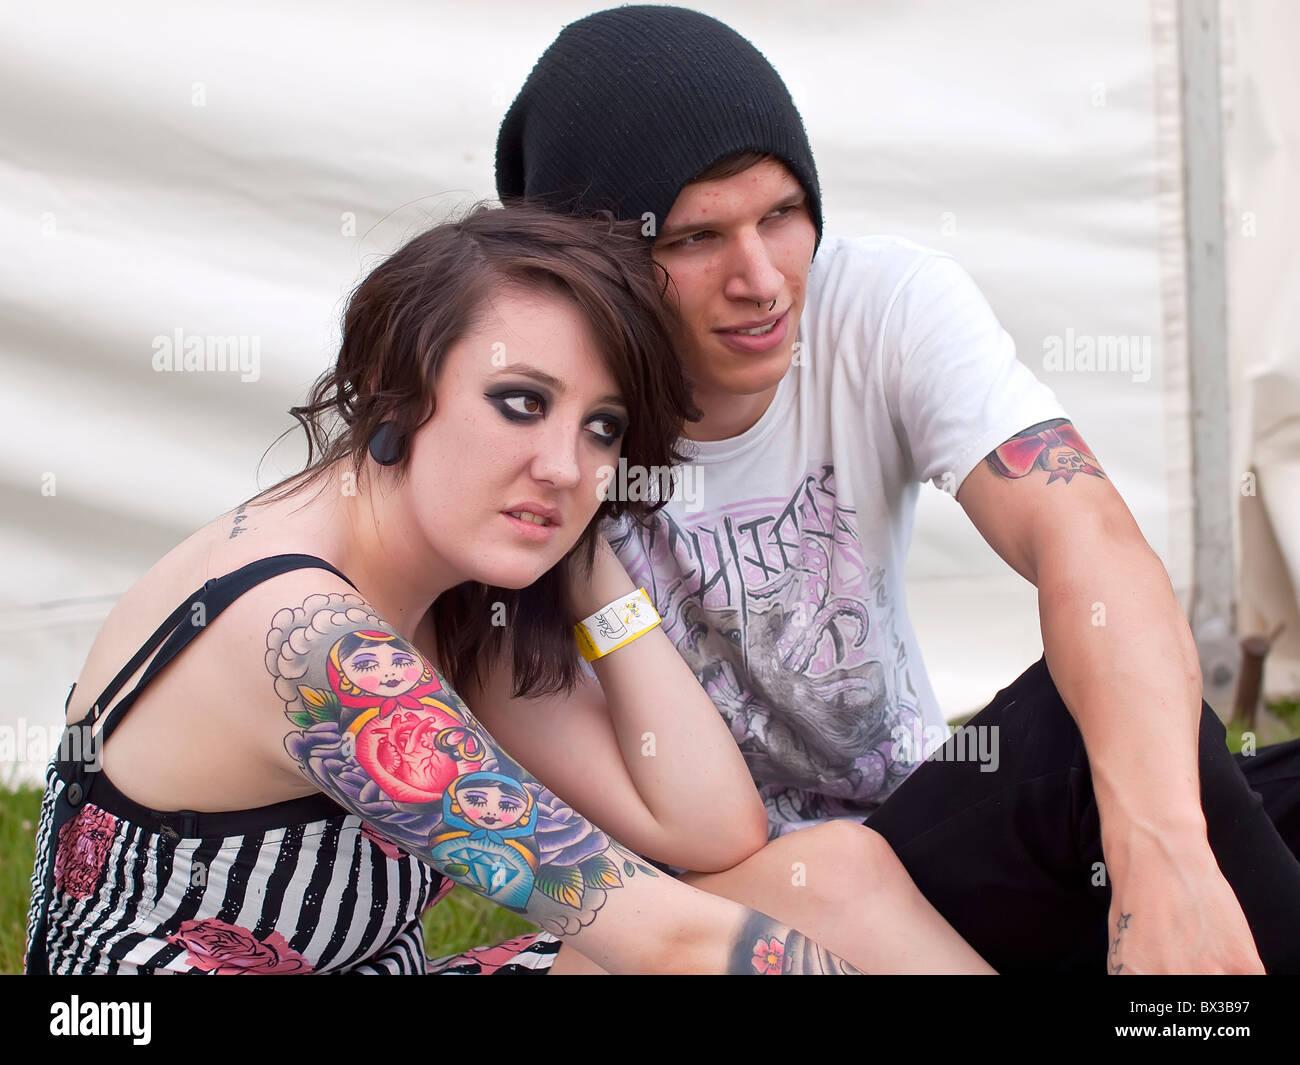 Lucy une jeune femme branchée de 19 ans adultes avec des tatouages avec boy ami Blair (real people) au festival Photo Stock